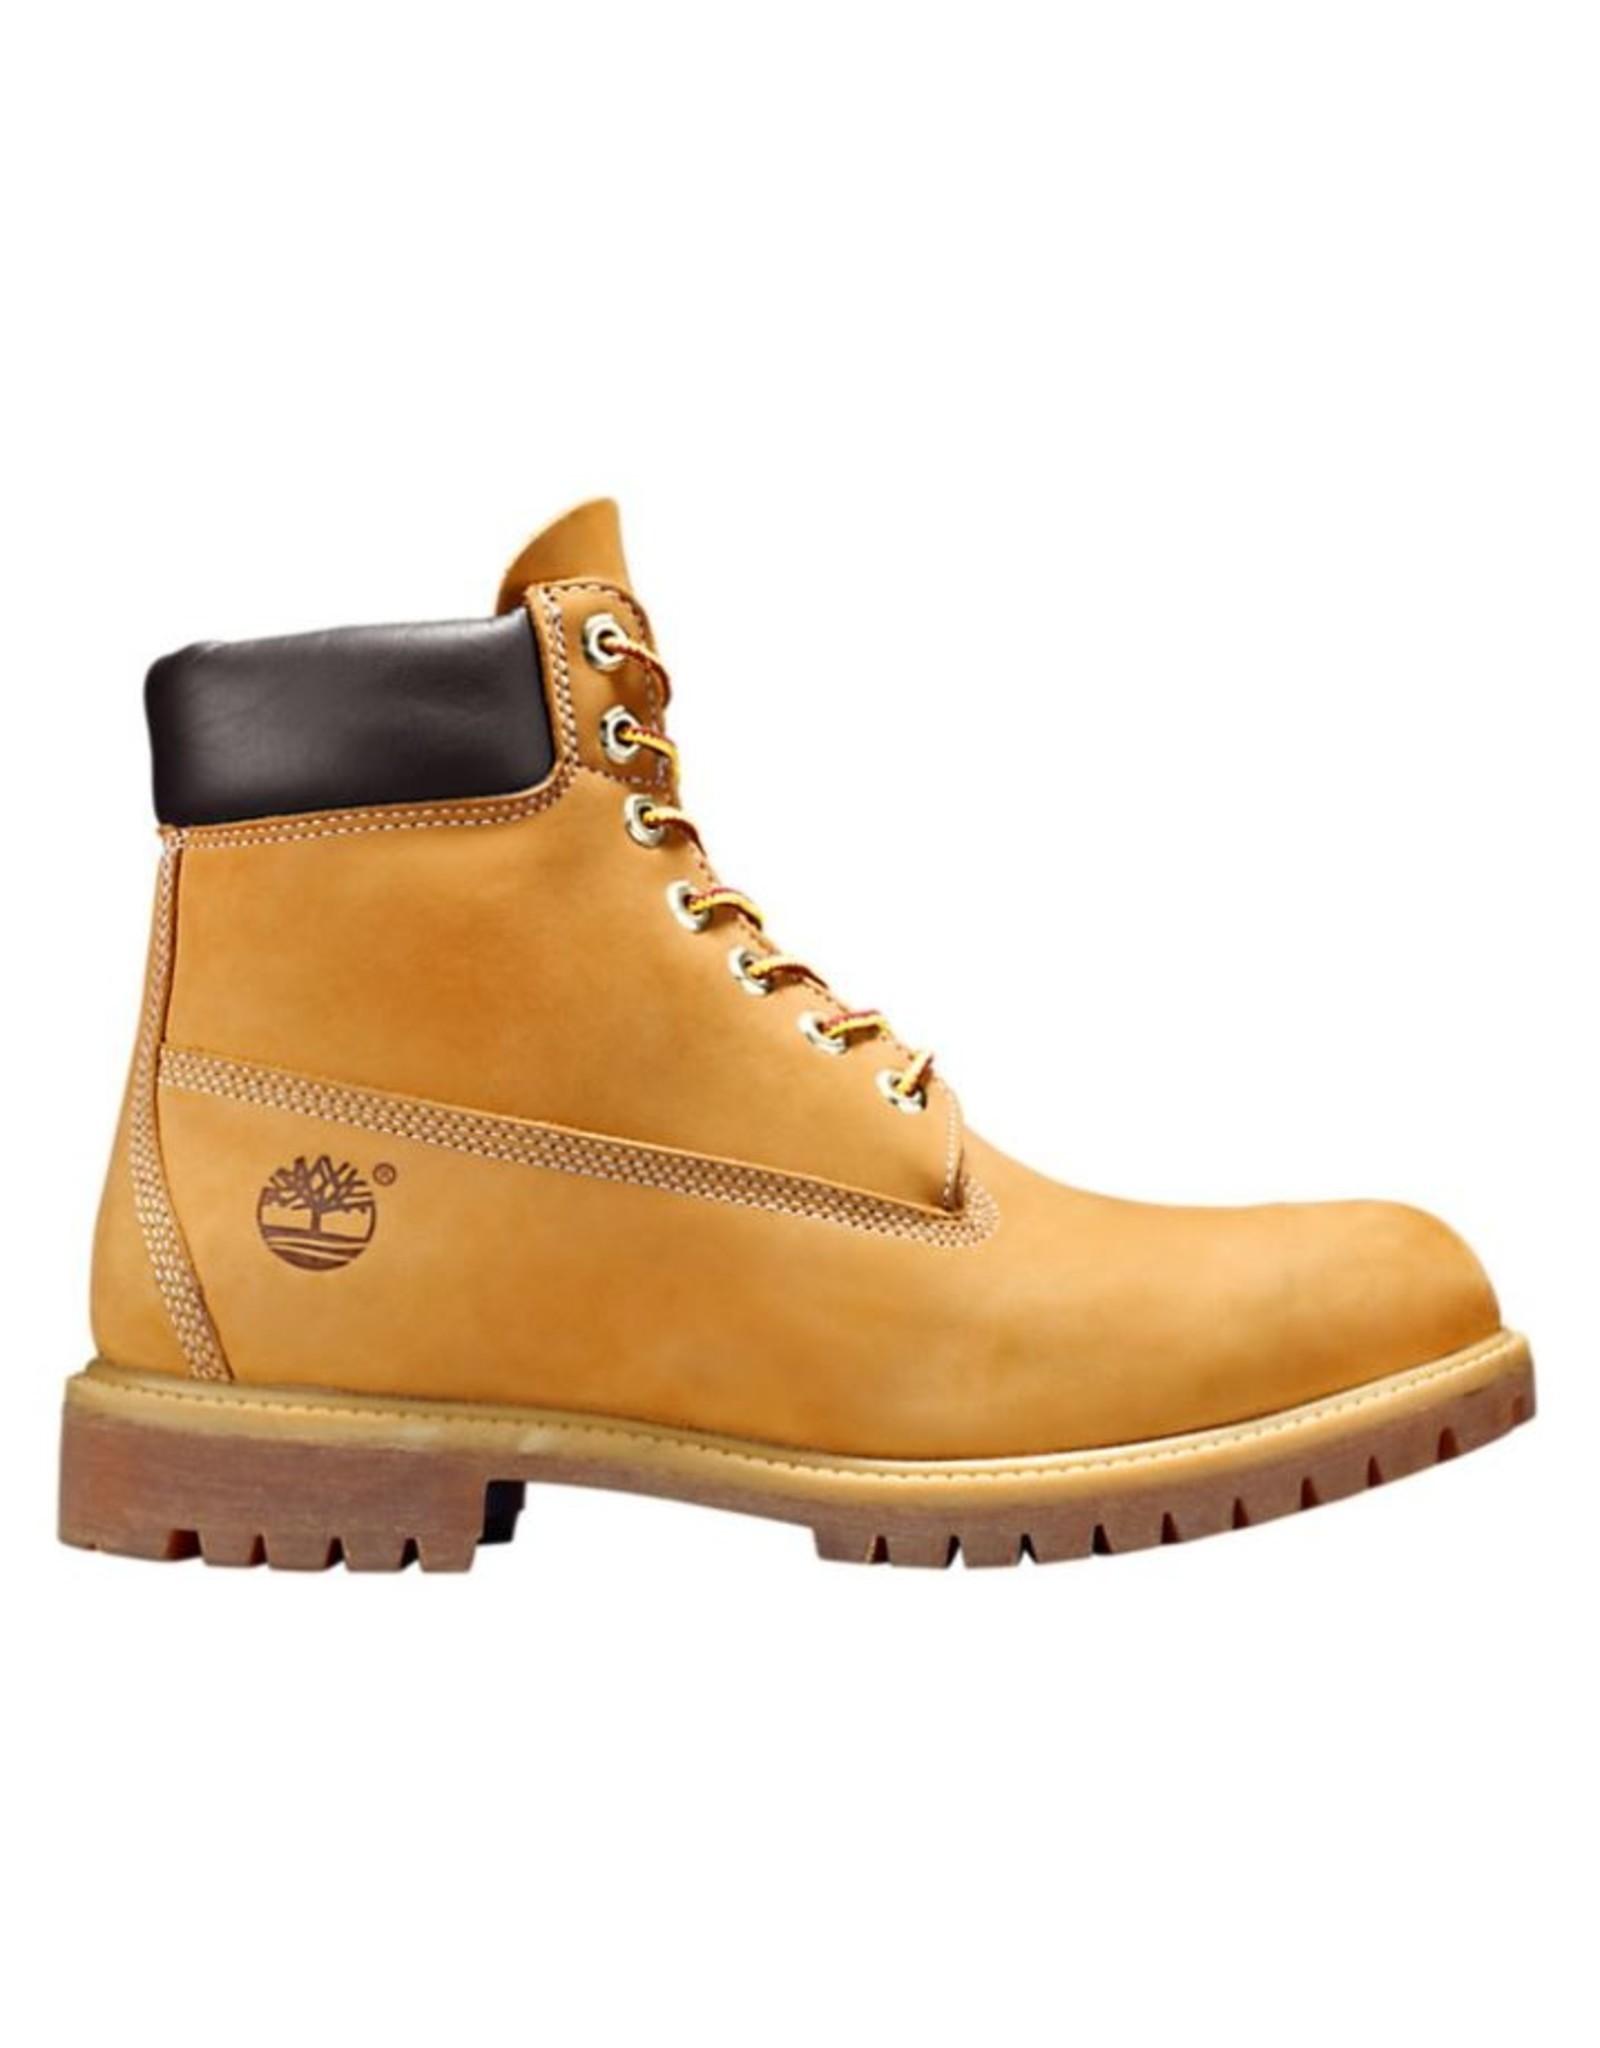 Timberland Men's  6 Inch Premium WP